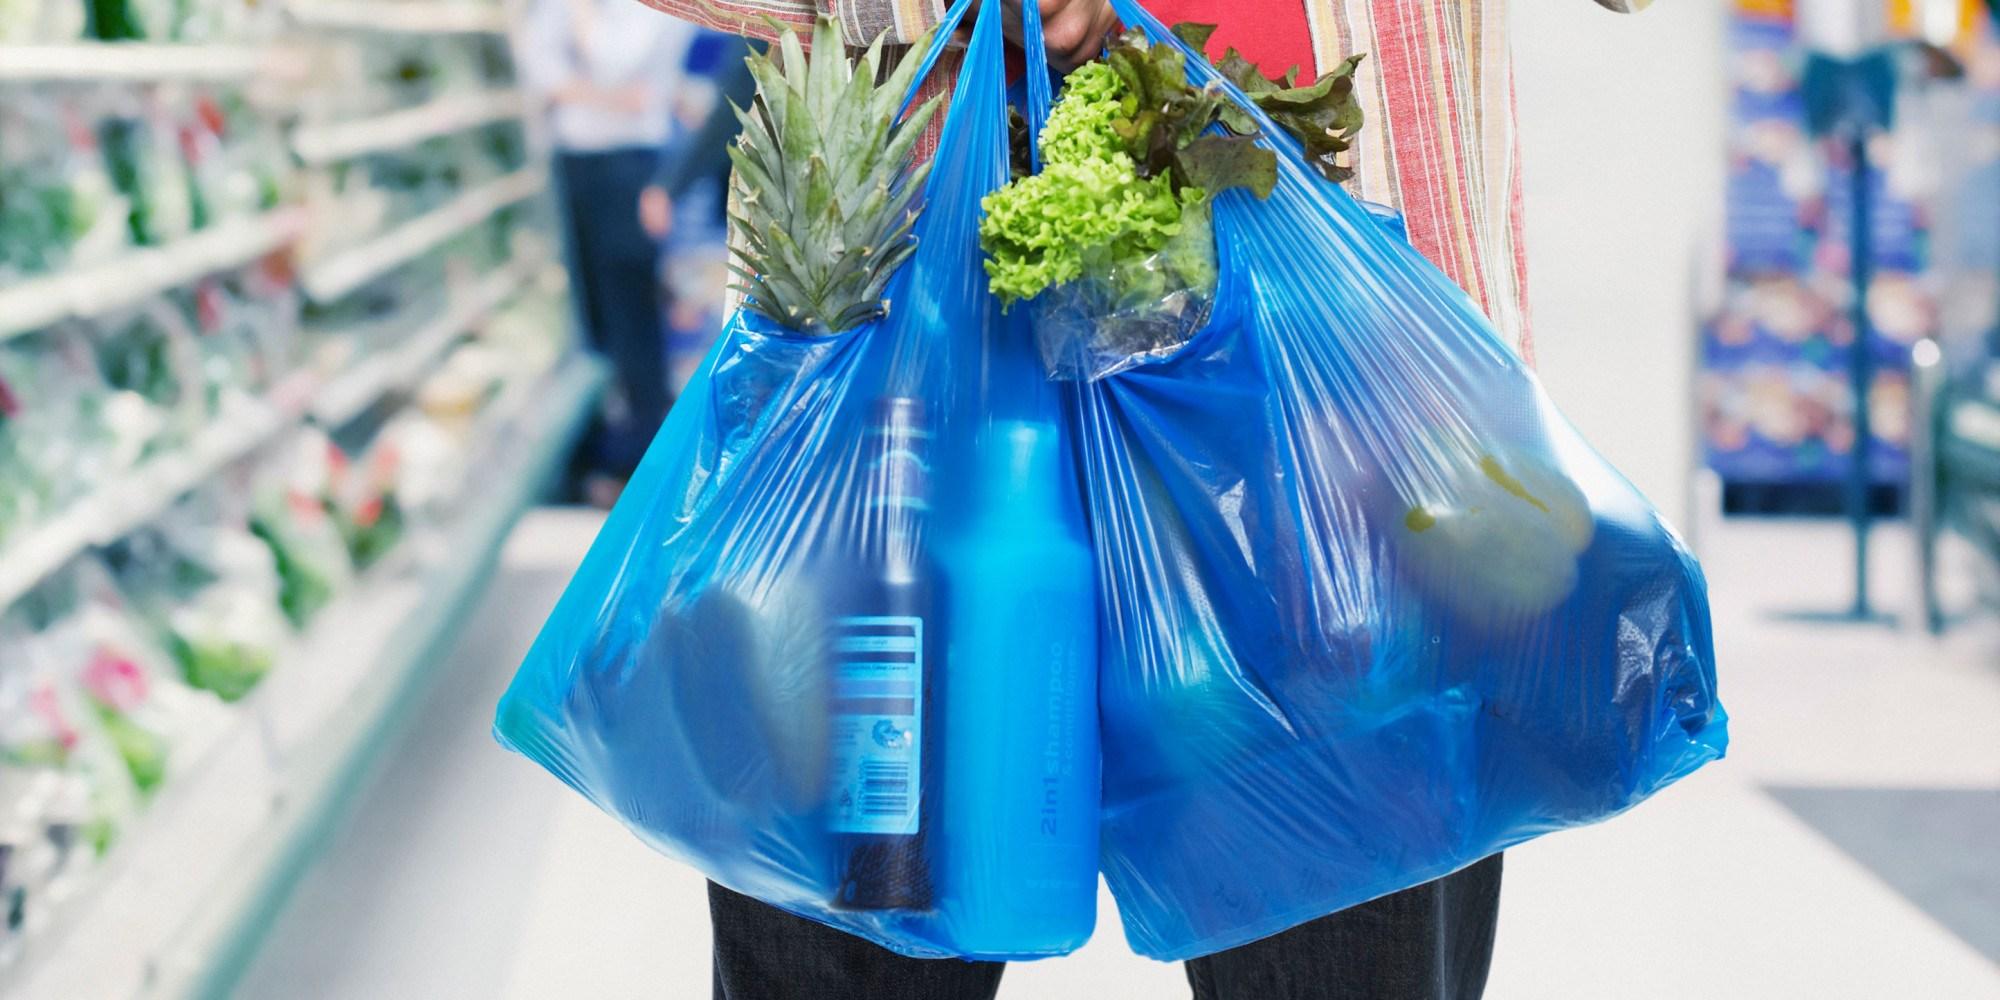 o-PLASTIC-BAGS.jpg